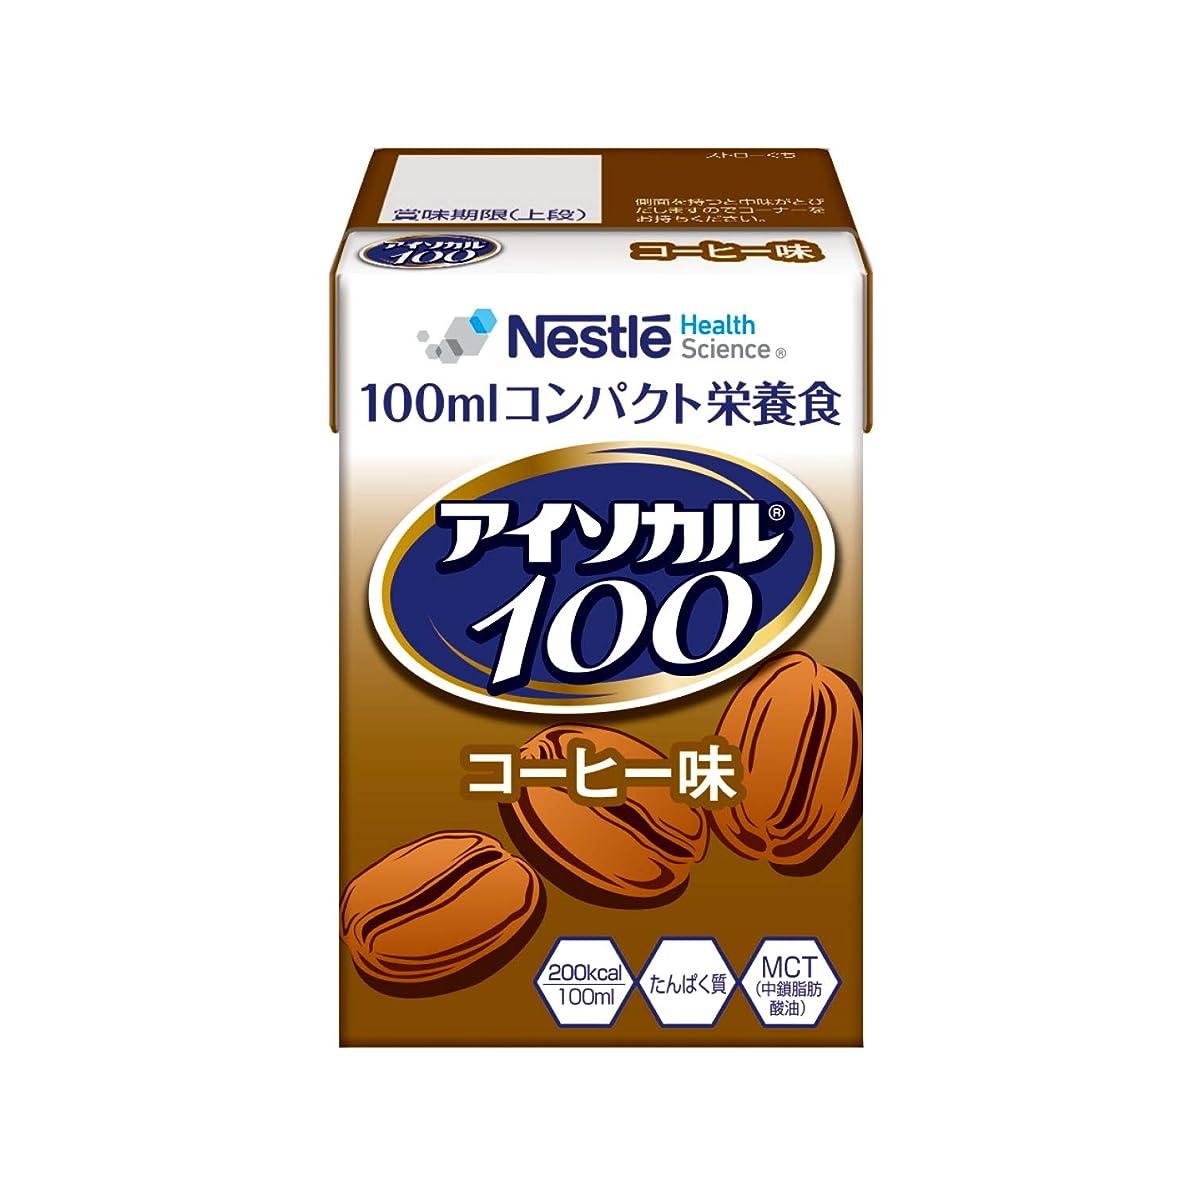 あえて放置キャンペーンNestle (ネスレ) アイソカル 100 コーヒー味 100ml×24